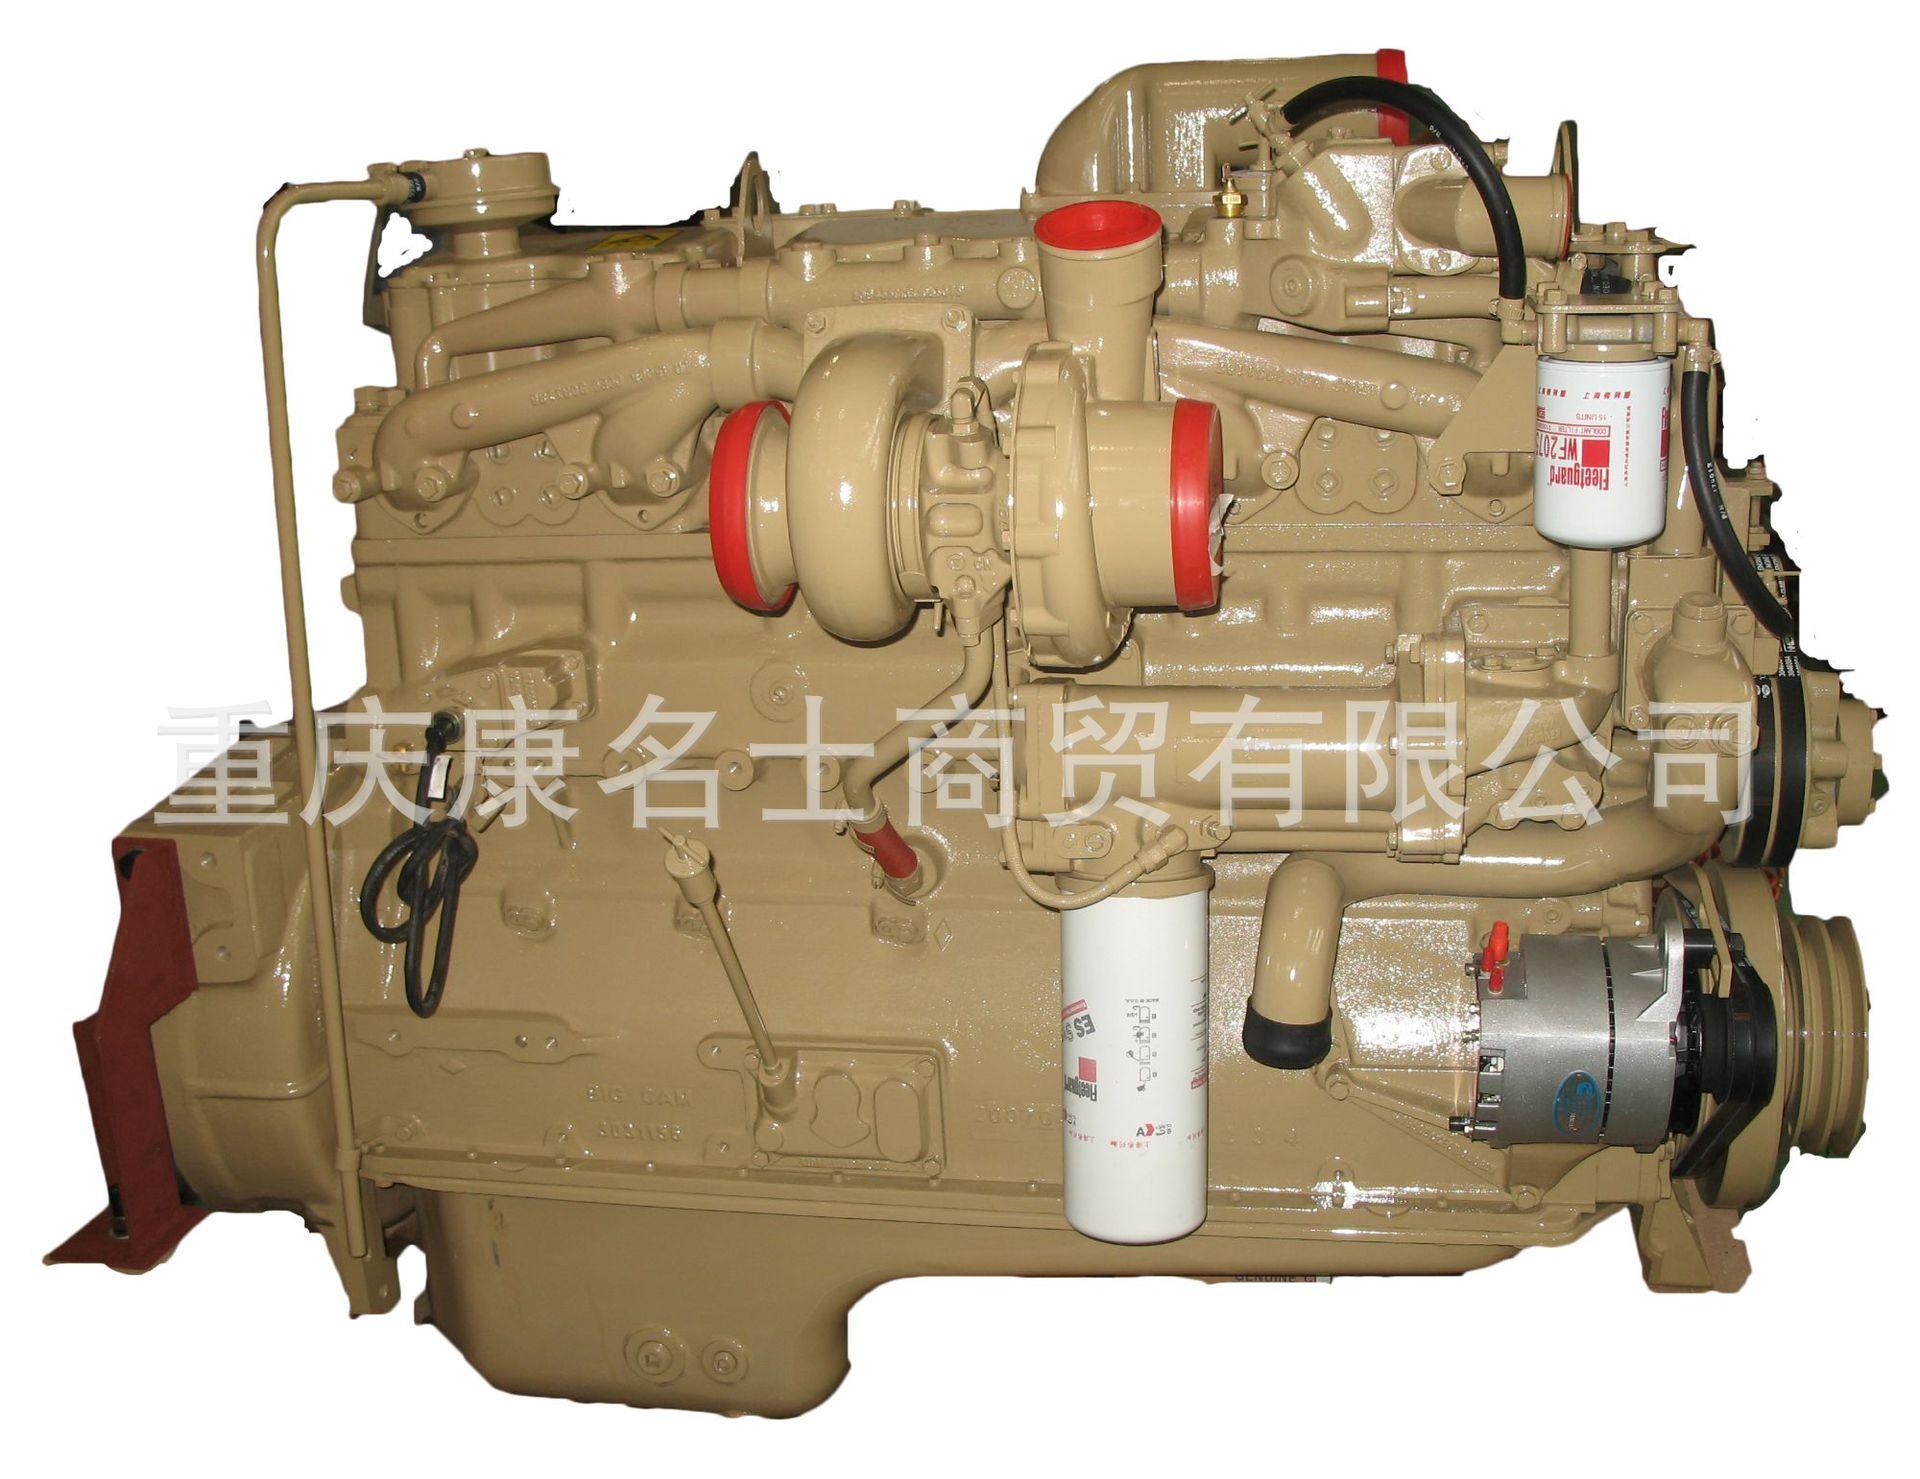 3002231康明斯风扇轮毂KTTA-19-C(700)发动机配件厂价优惠